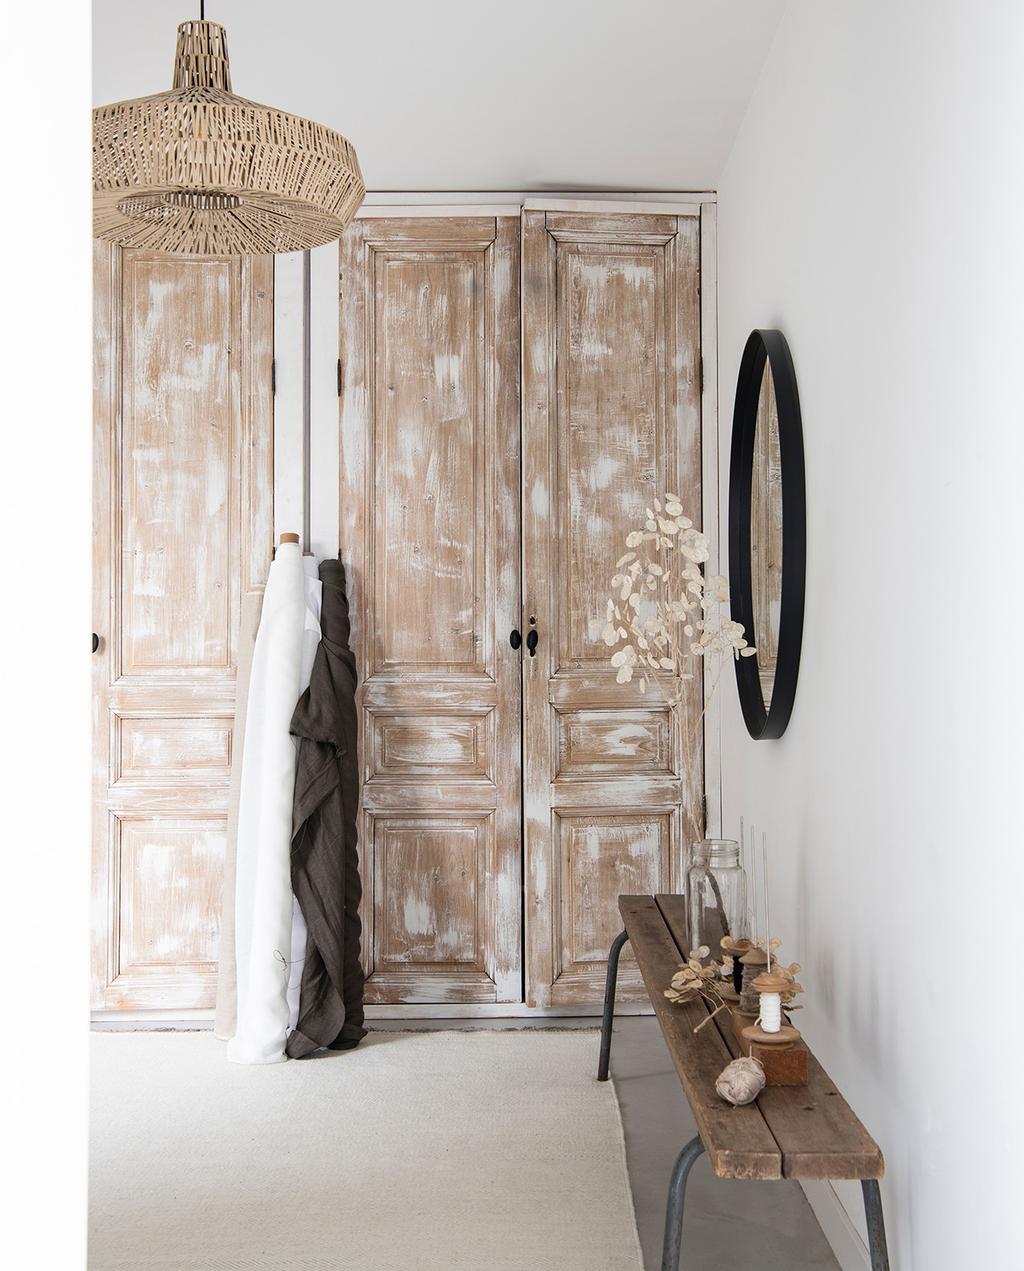 vtwonen 04-2021 | bruin en wit geverfde kastdeuren en webbing lamp